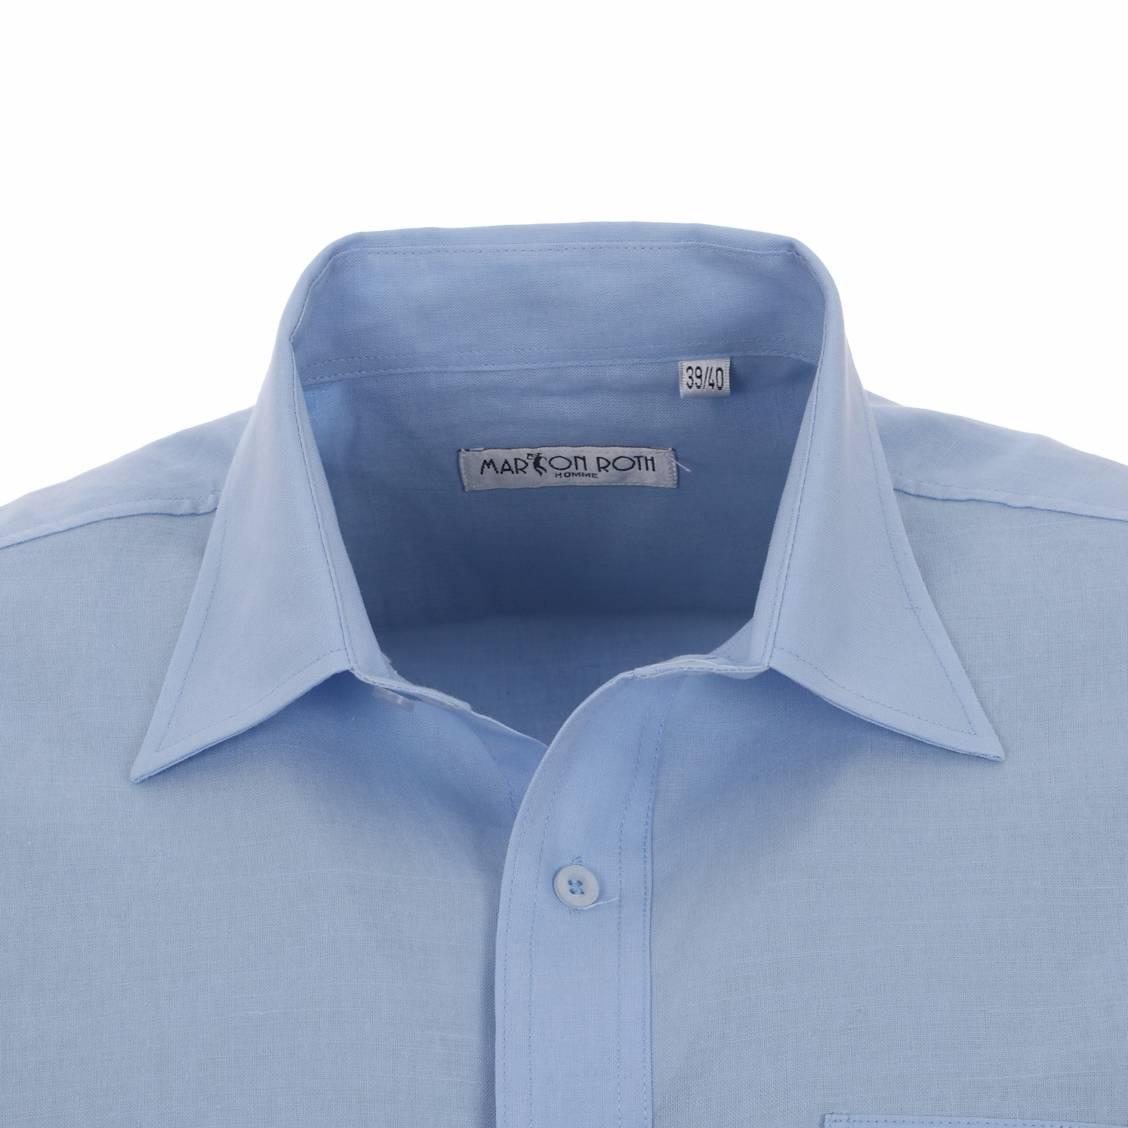 - 20855-marion-roth-e14-lin-coton-ciel-bleu-chemise-marion-roth-en-lin-bleu-ciel-a-manches-courtes-2_1128x1128